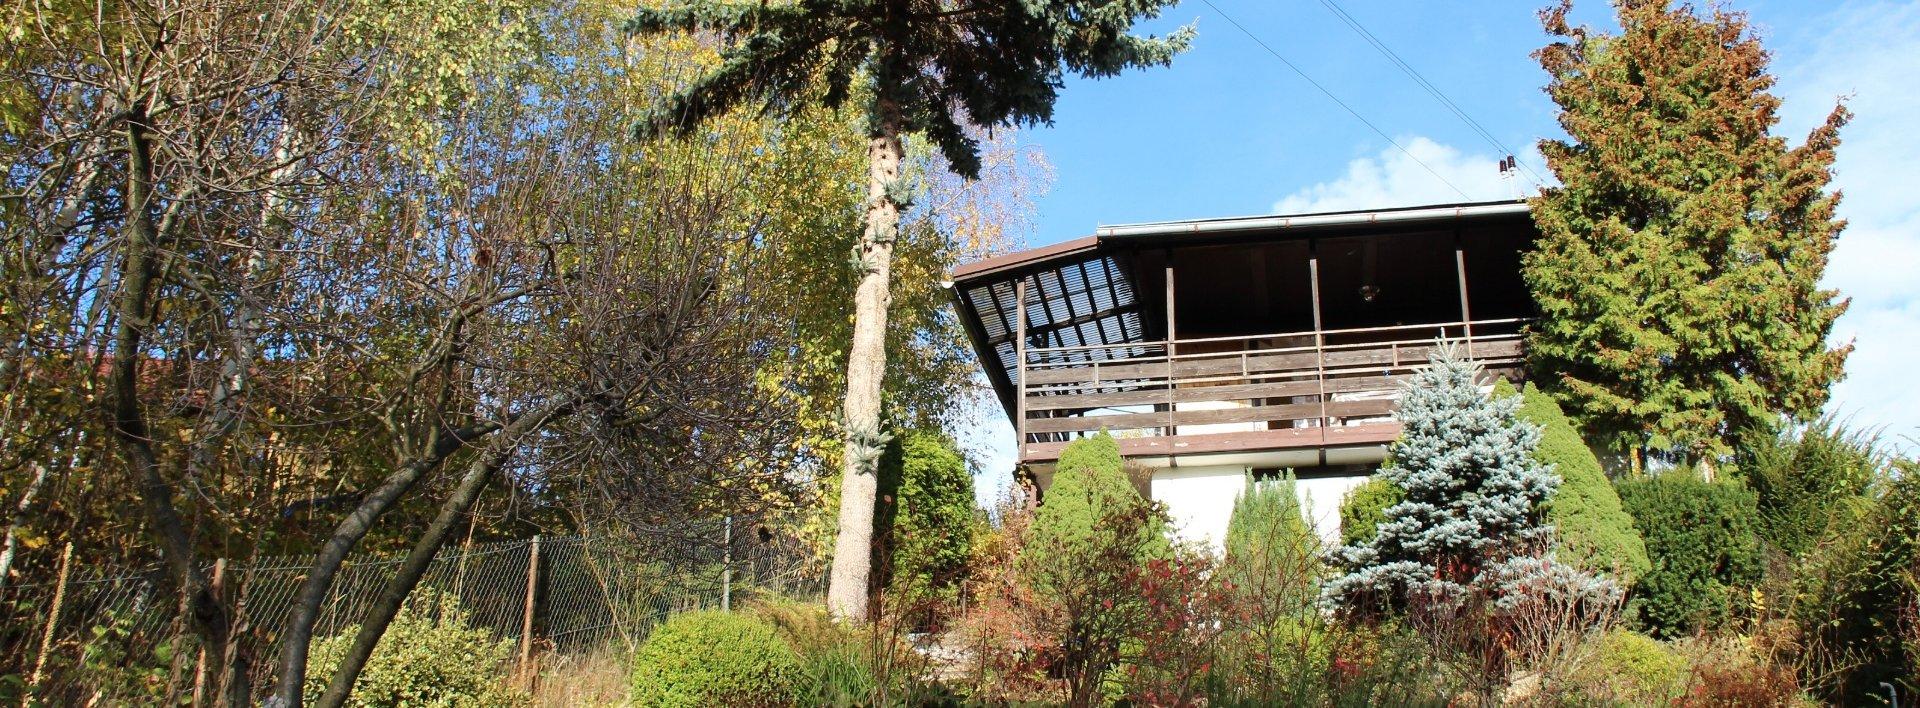 Prodej chaty 39 m2, pozemek 536 m2, Mšeno nad Nisou., Ev.č.: N48917